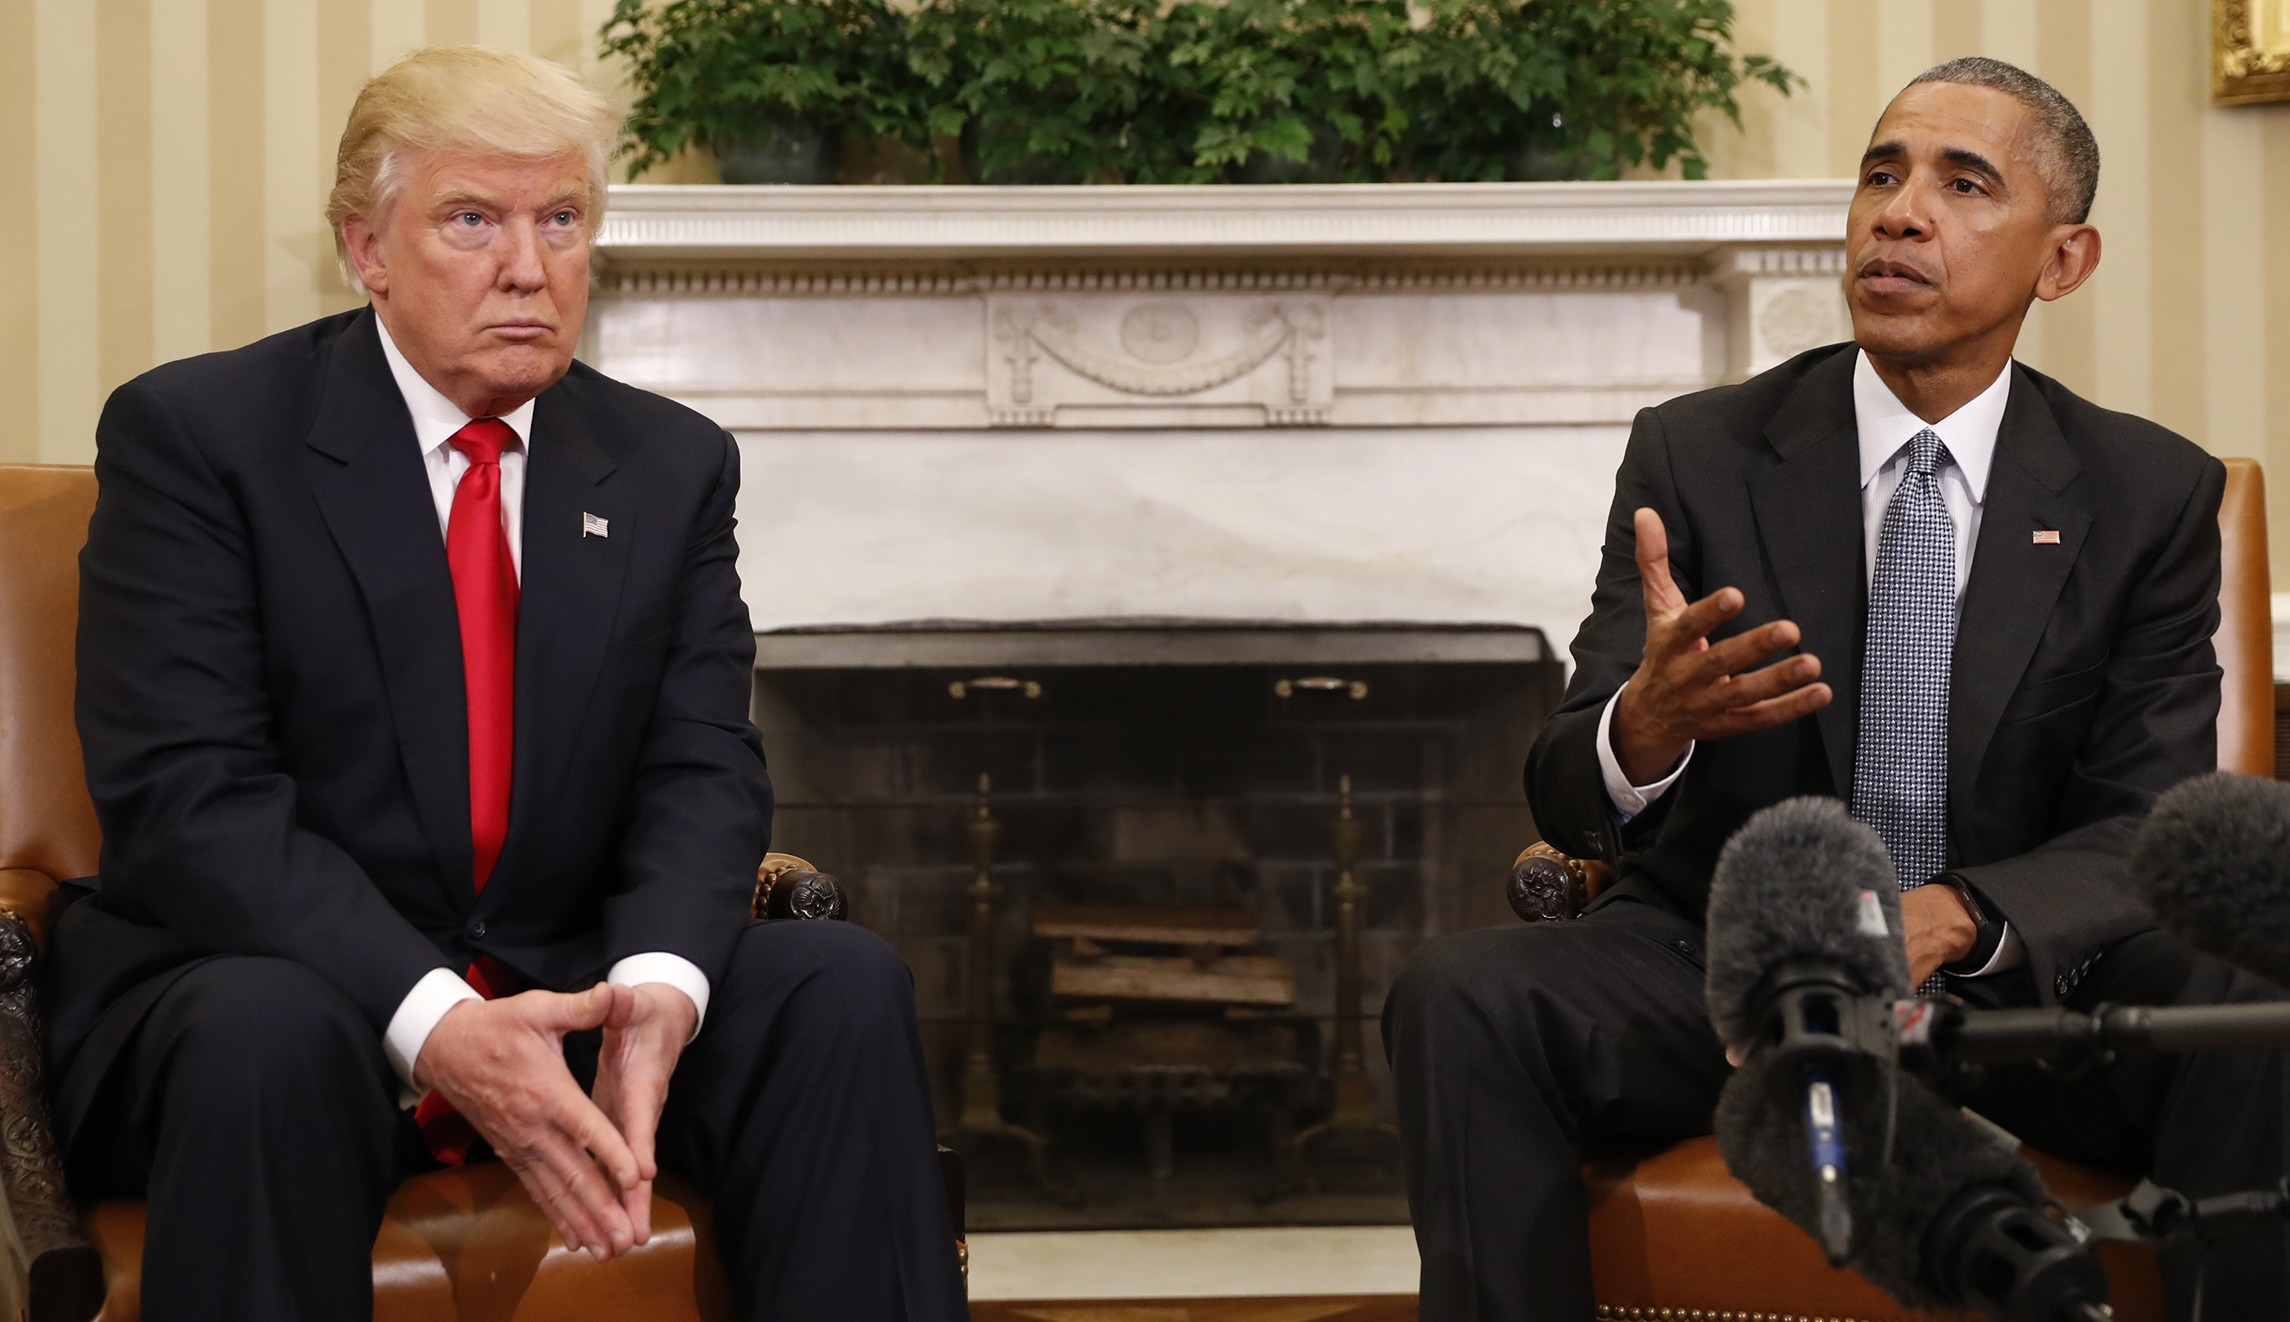 السياسة الخارجية الأمريكية تجاه إيران في عهدي أوباما وترامب (دراسة مقارنة)